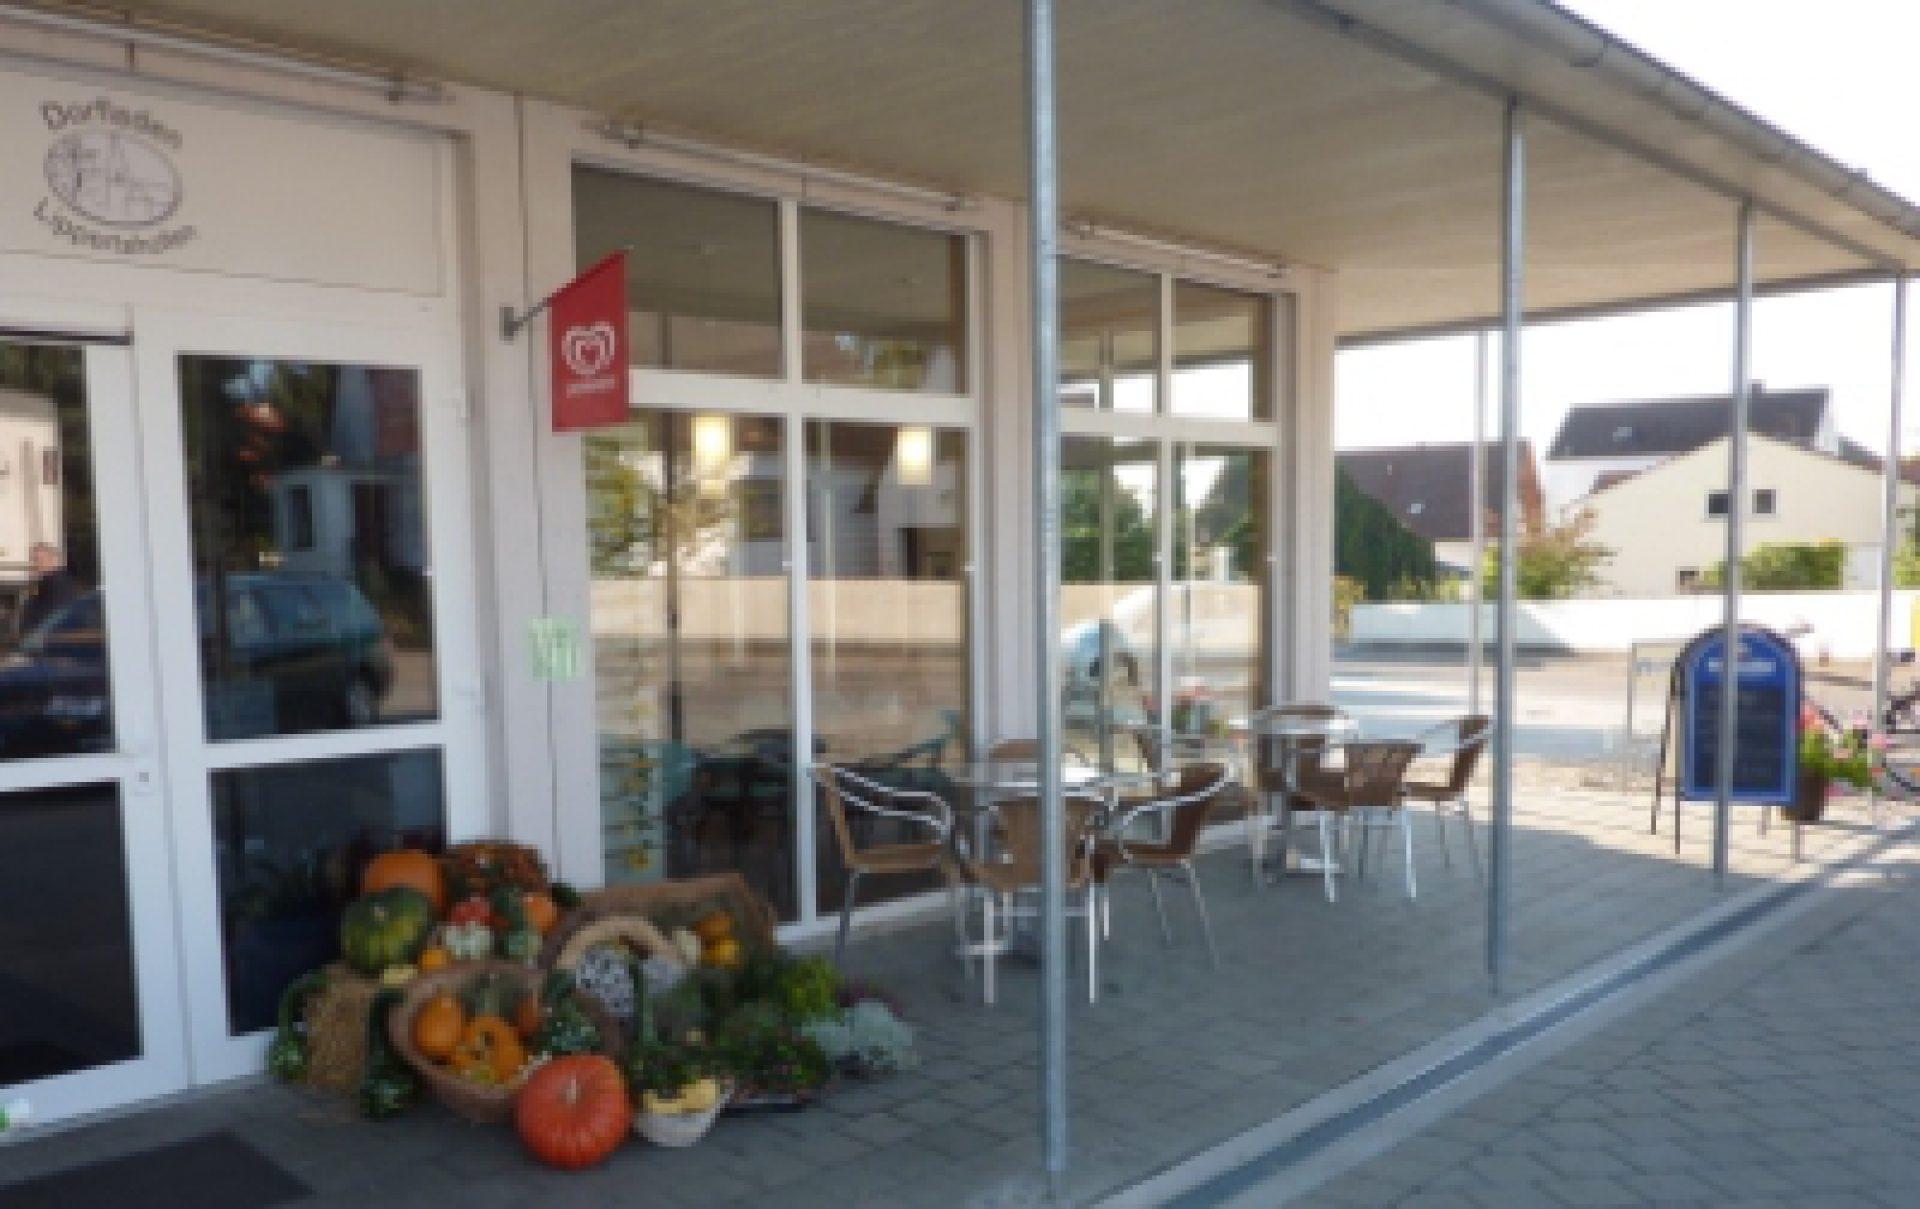 Dorfladen Lippertshofen eG